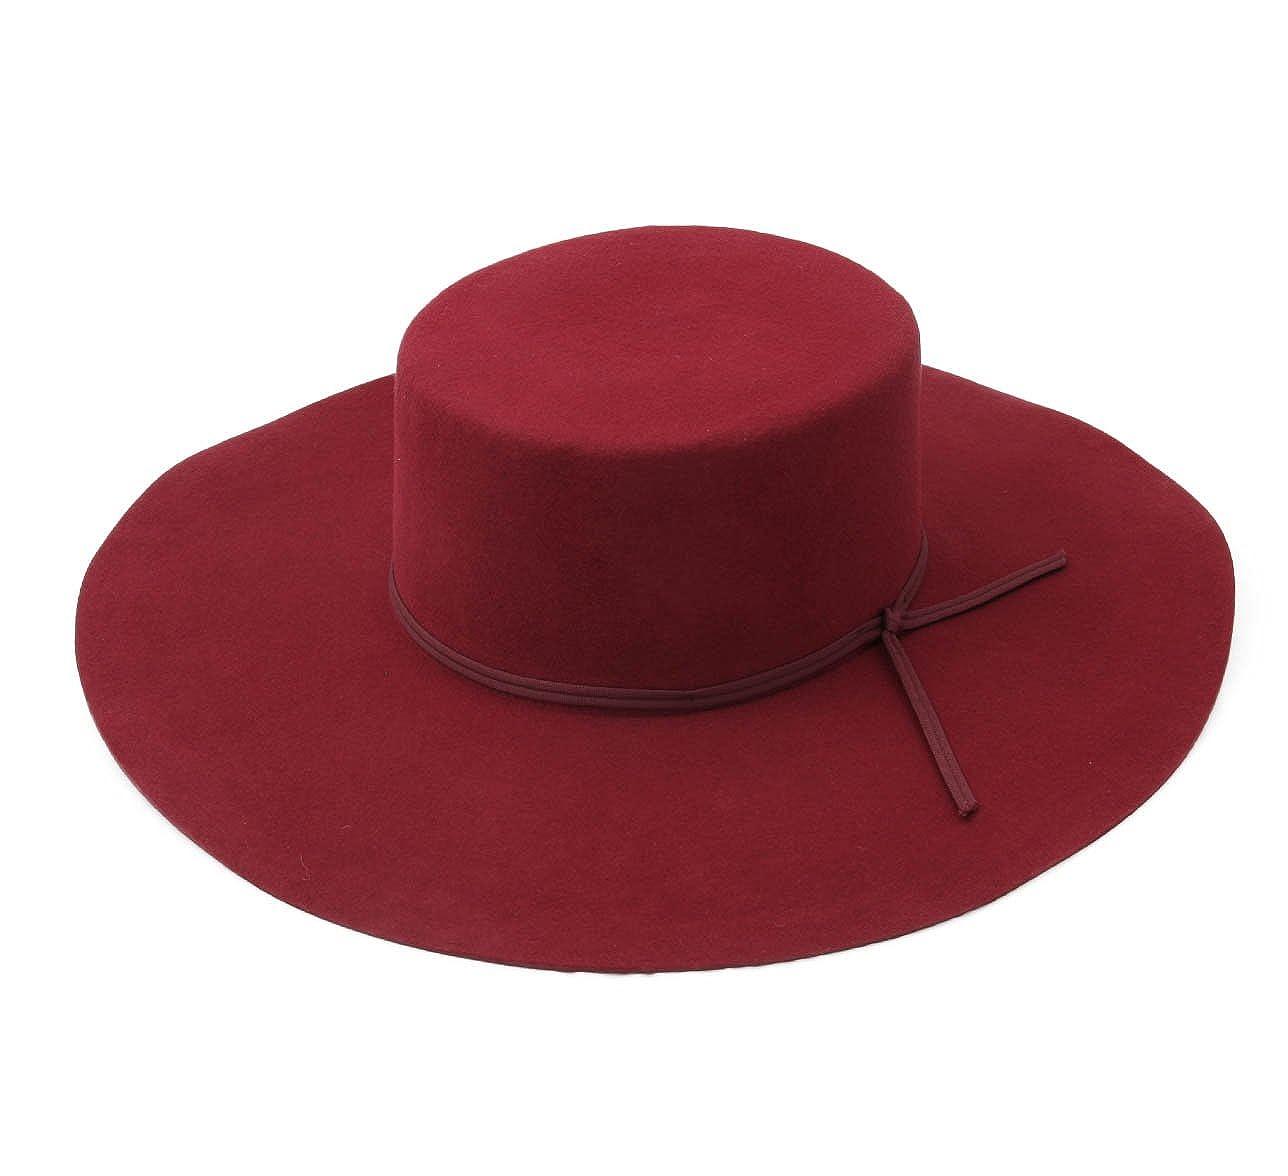 7a601a80ac74f Brixton - Floppy Hat Wool Felt Women Buckley - Size XS  Amazon.co.uk   Clothing